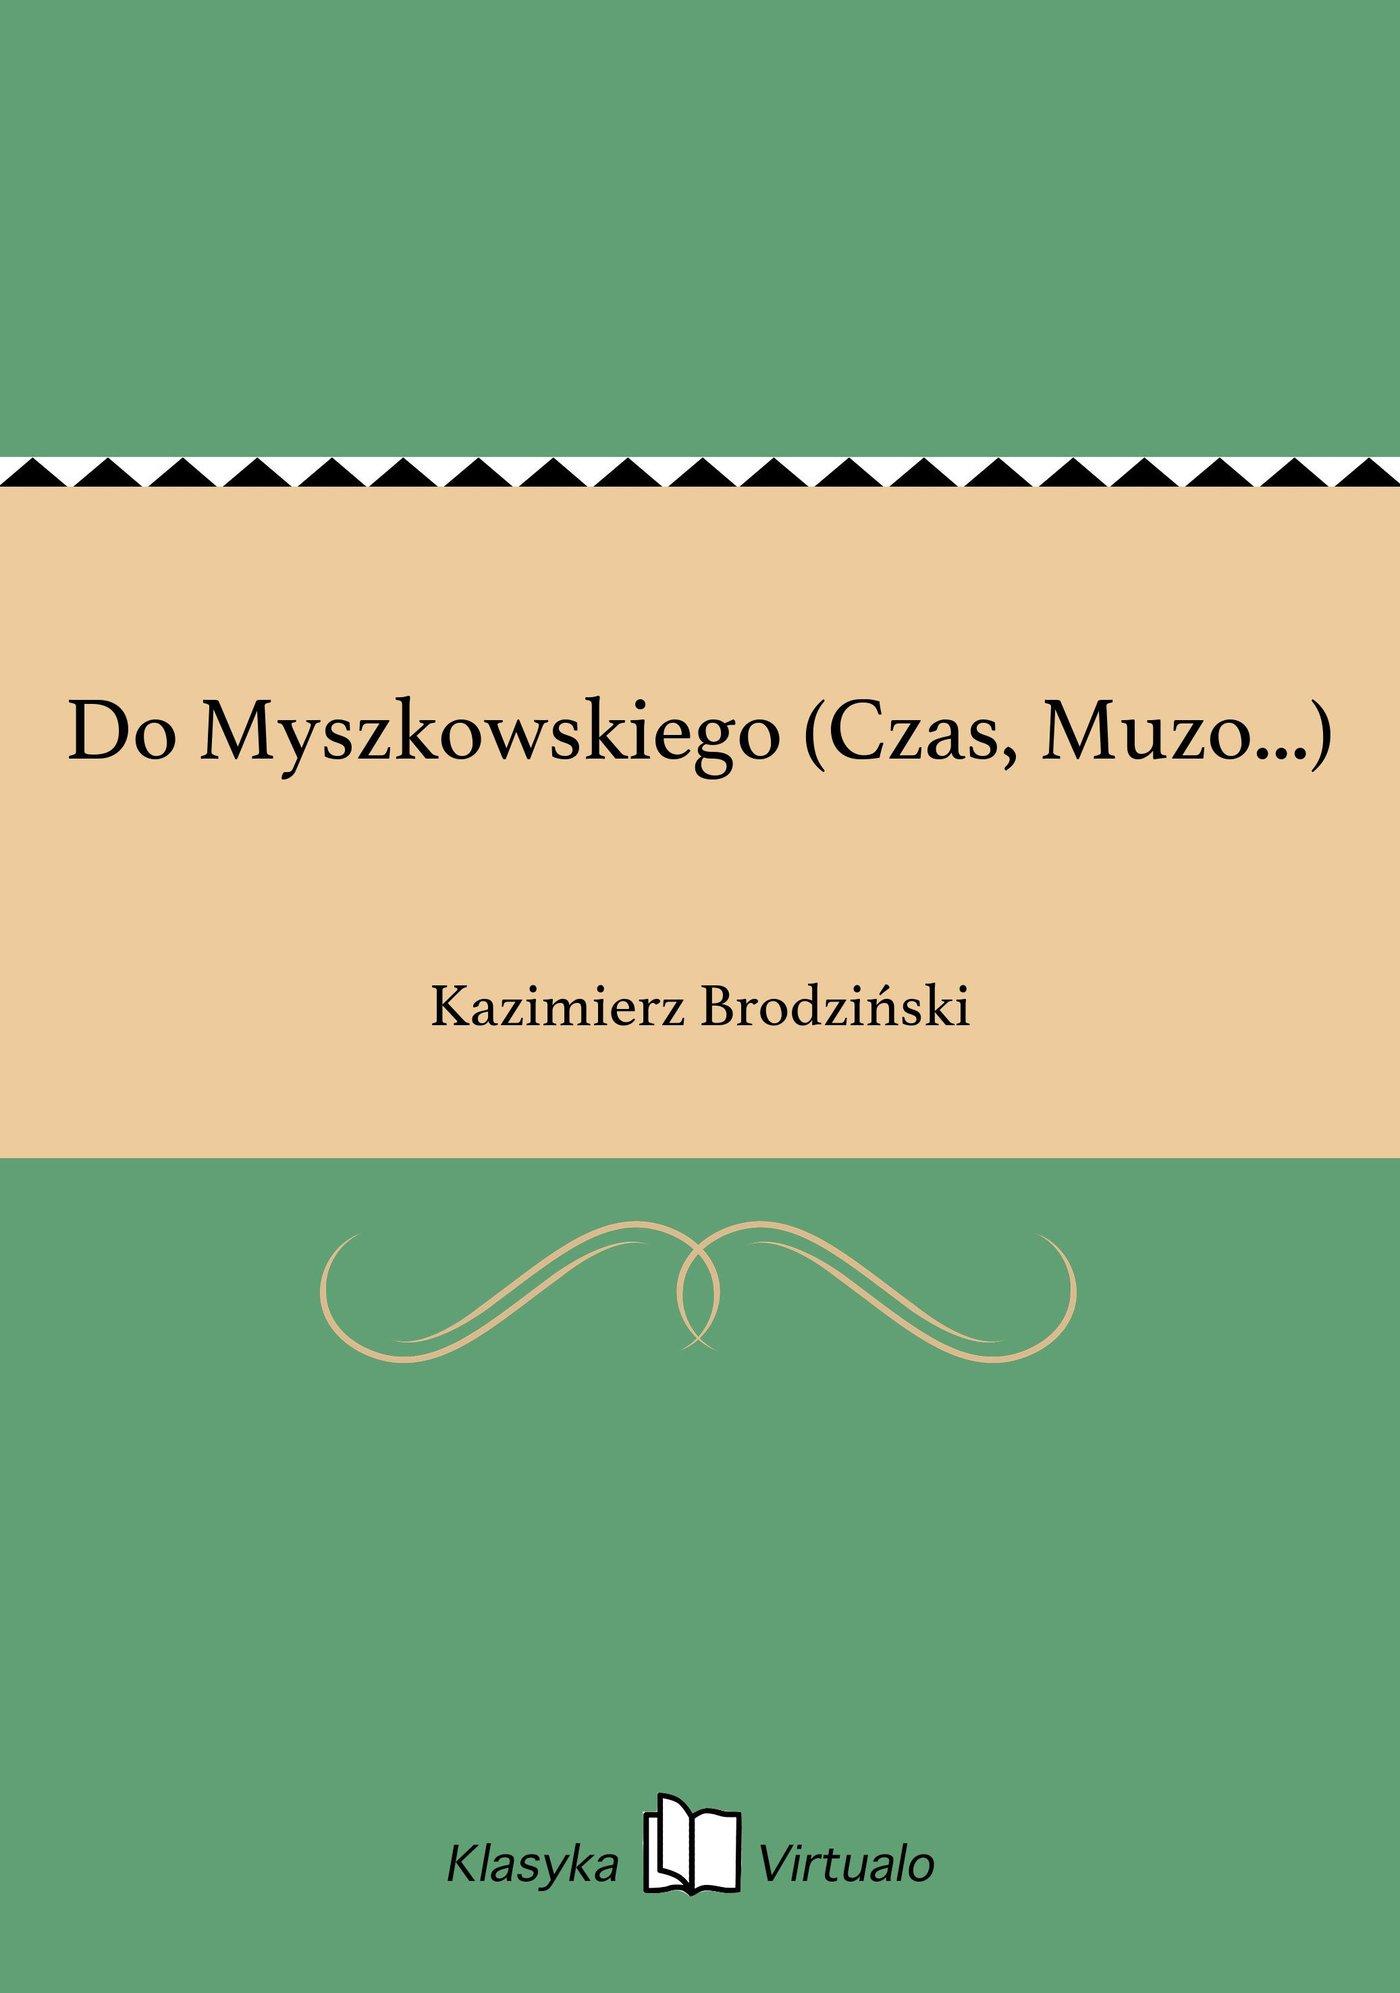 Do Myszkowskiego (Czas, Muzo...) - Ebook (Książka EPUB) do pobrania w formacie EPUB